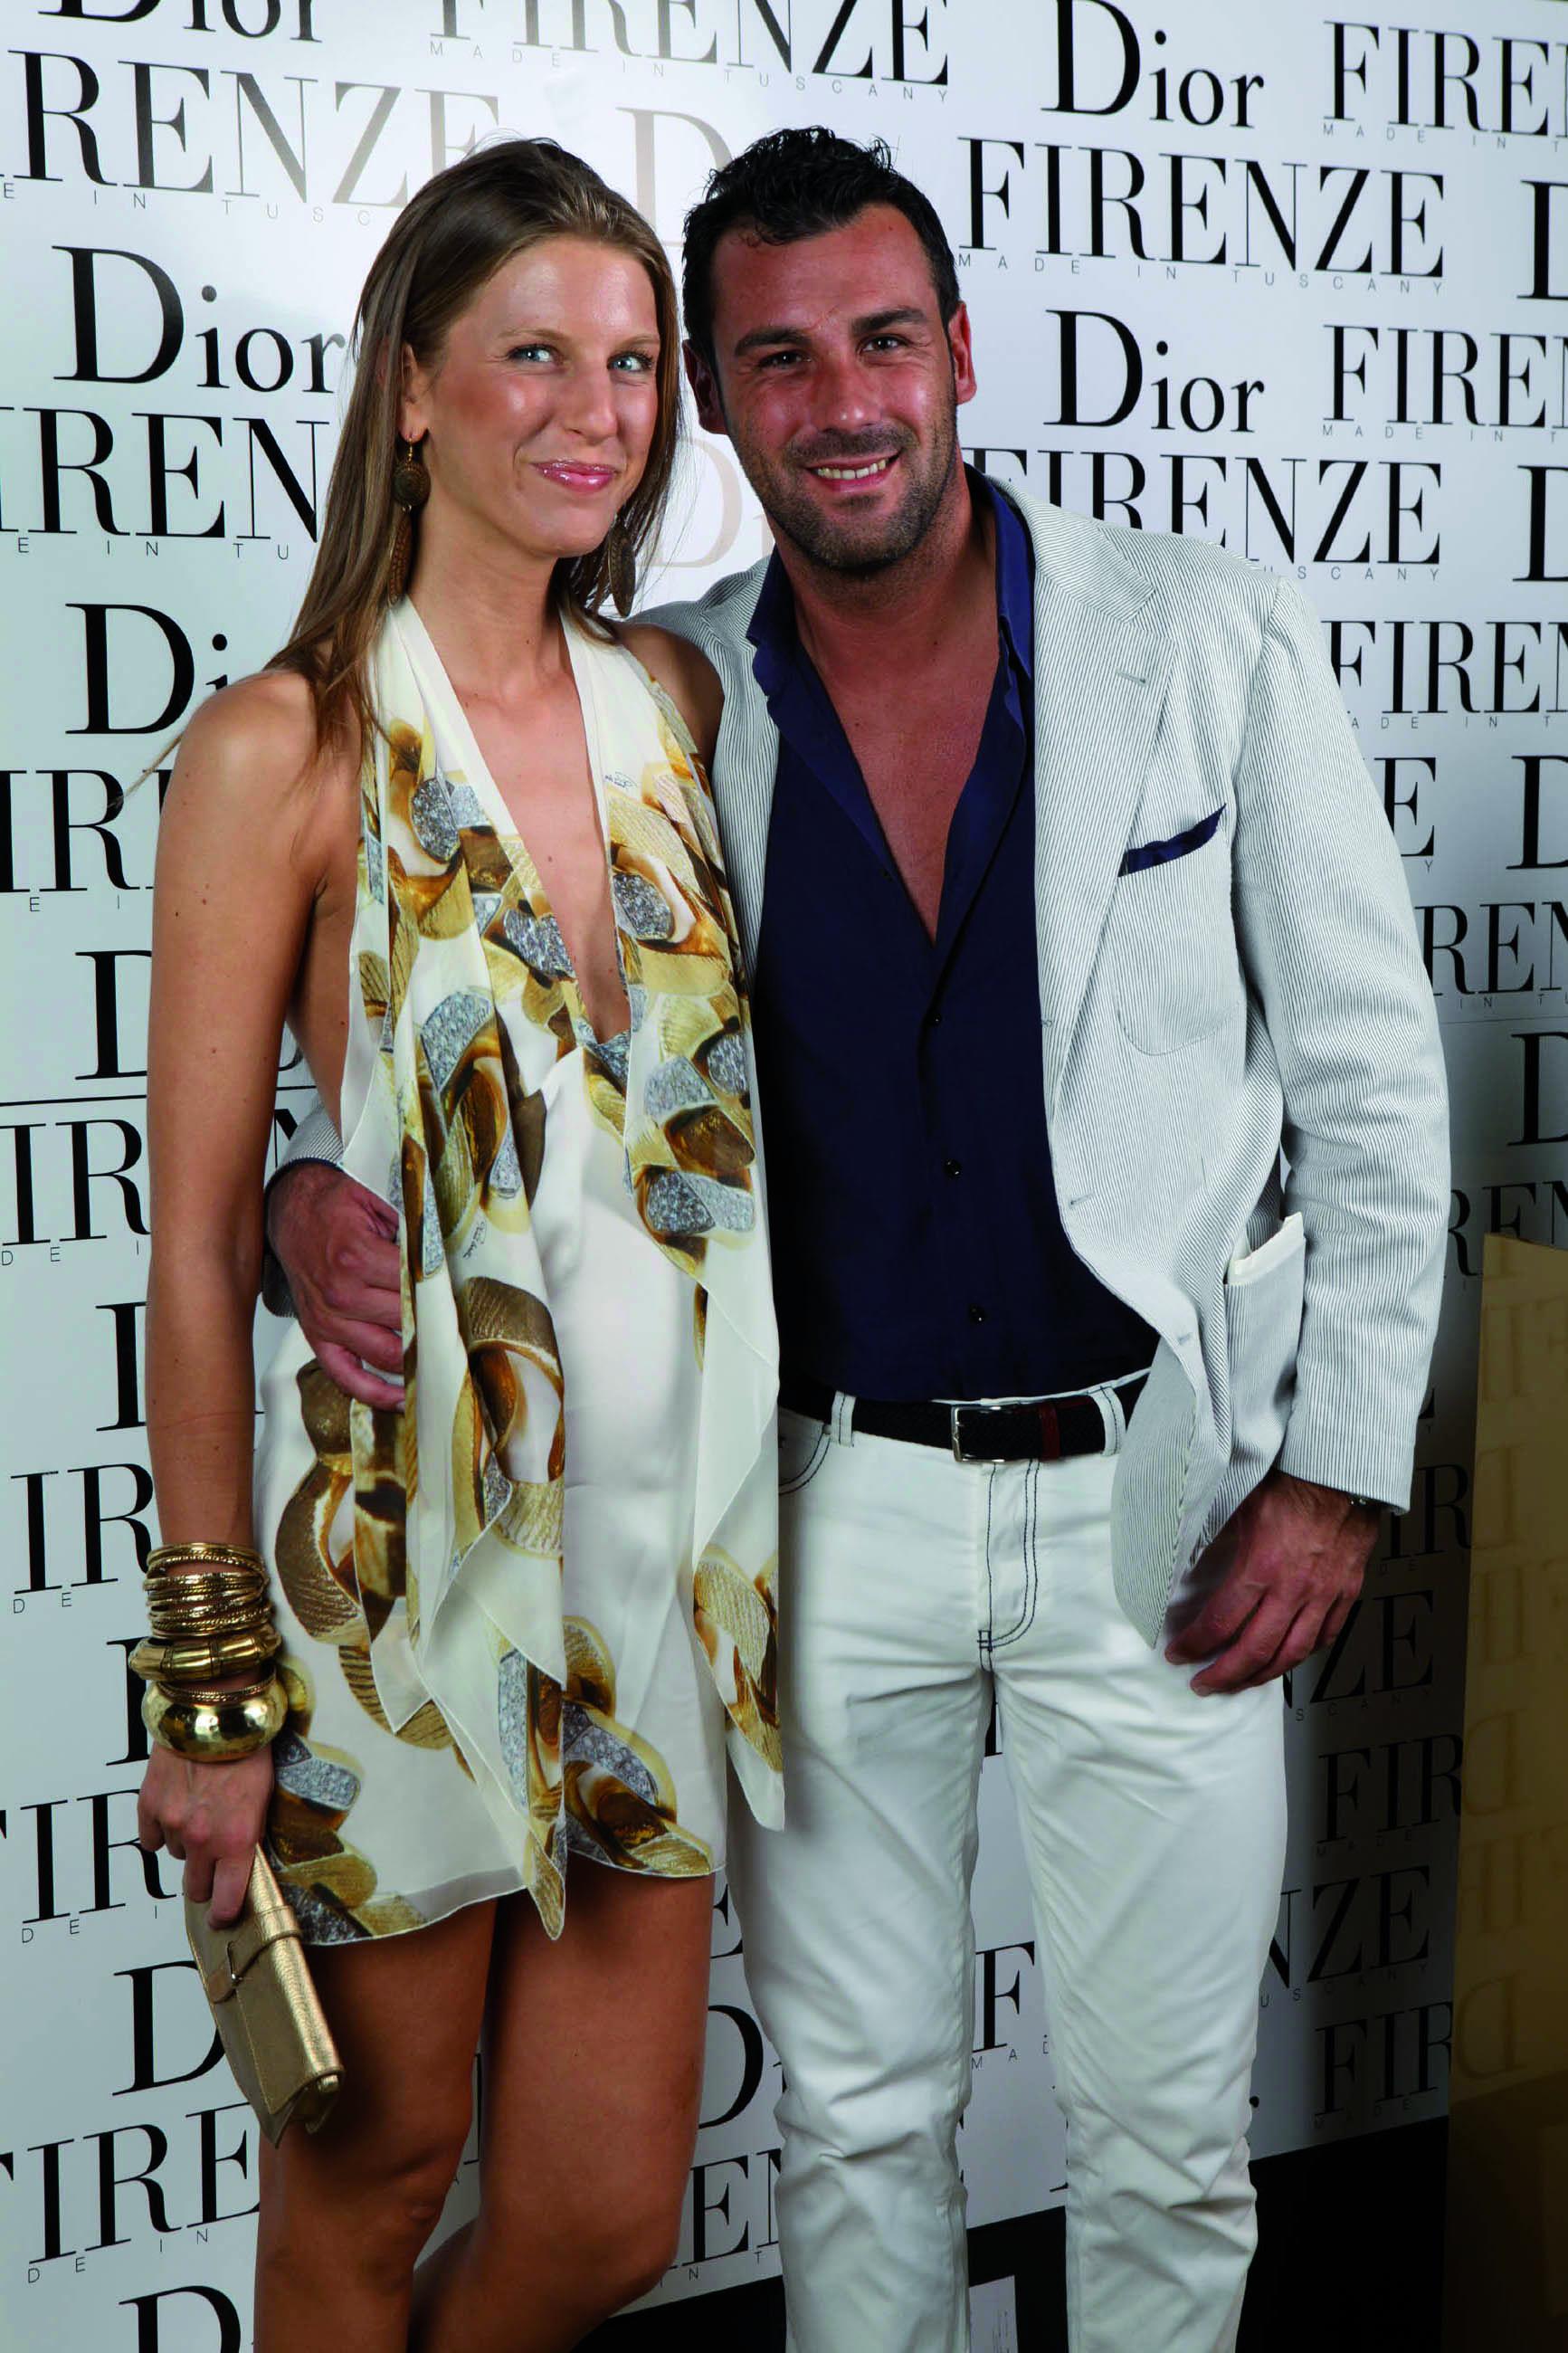 PRESSPHOTO. Fiesole, sfilata Dior. Nella foto Michela Sostegni e Alessio Fracassini